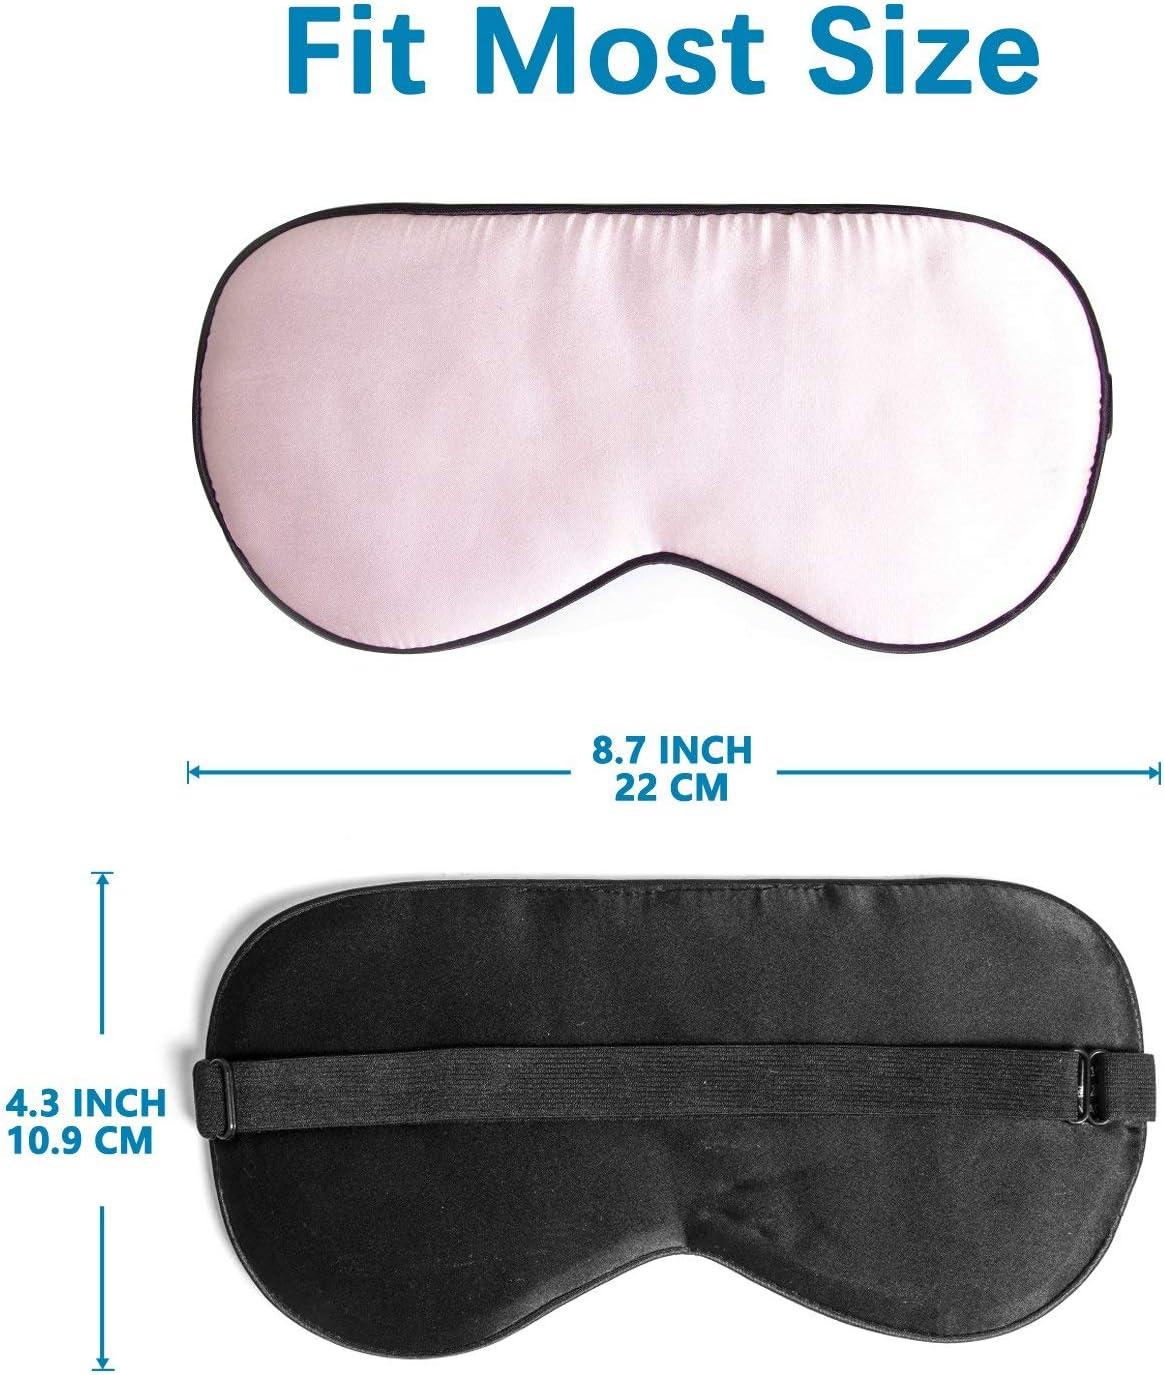 ZIMASILK R/églable M/ûrier Soie Masque Pour Les Yeux Bandeau 100/% Pur M/ûrier Masque Pour Les Yeux Pour Sommeil Avec Sac (pattern5